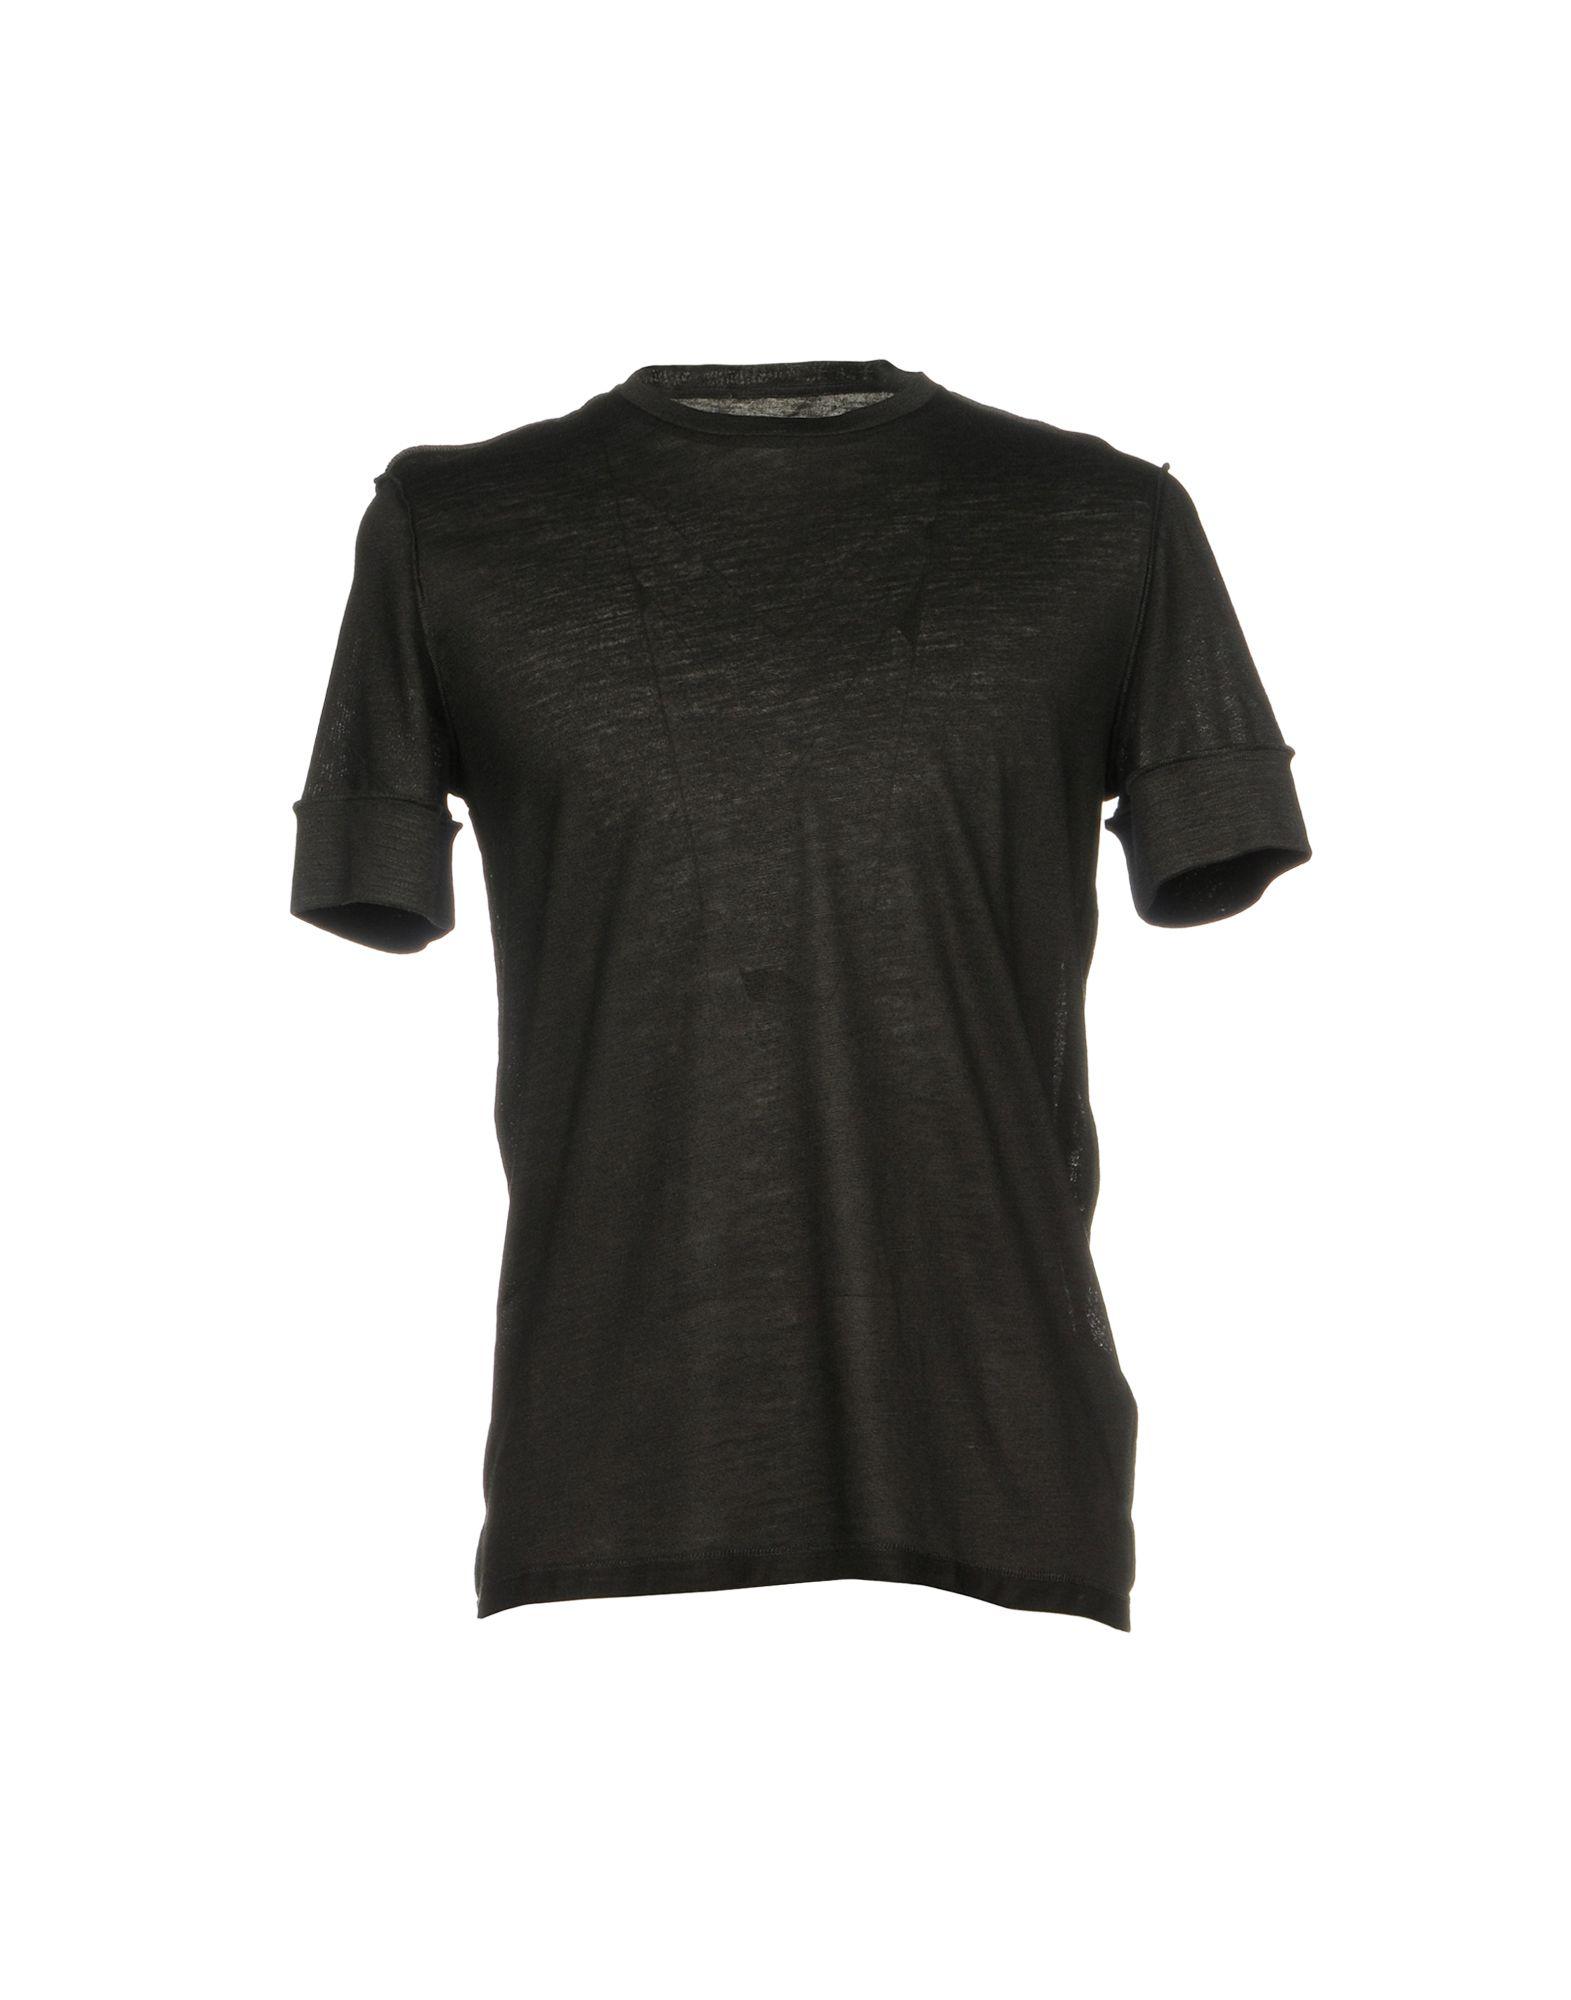 MAISON MARGIELA Herren T-shirts Farbe Schwarz Größe 4